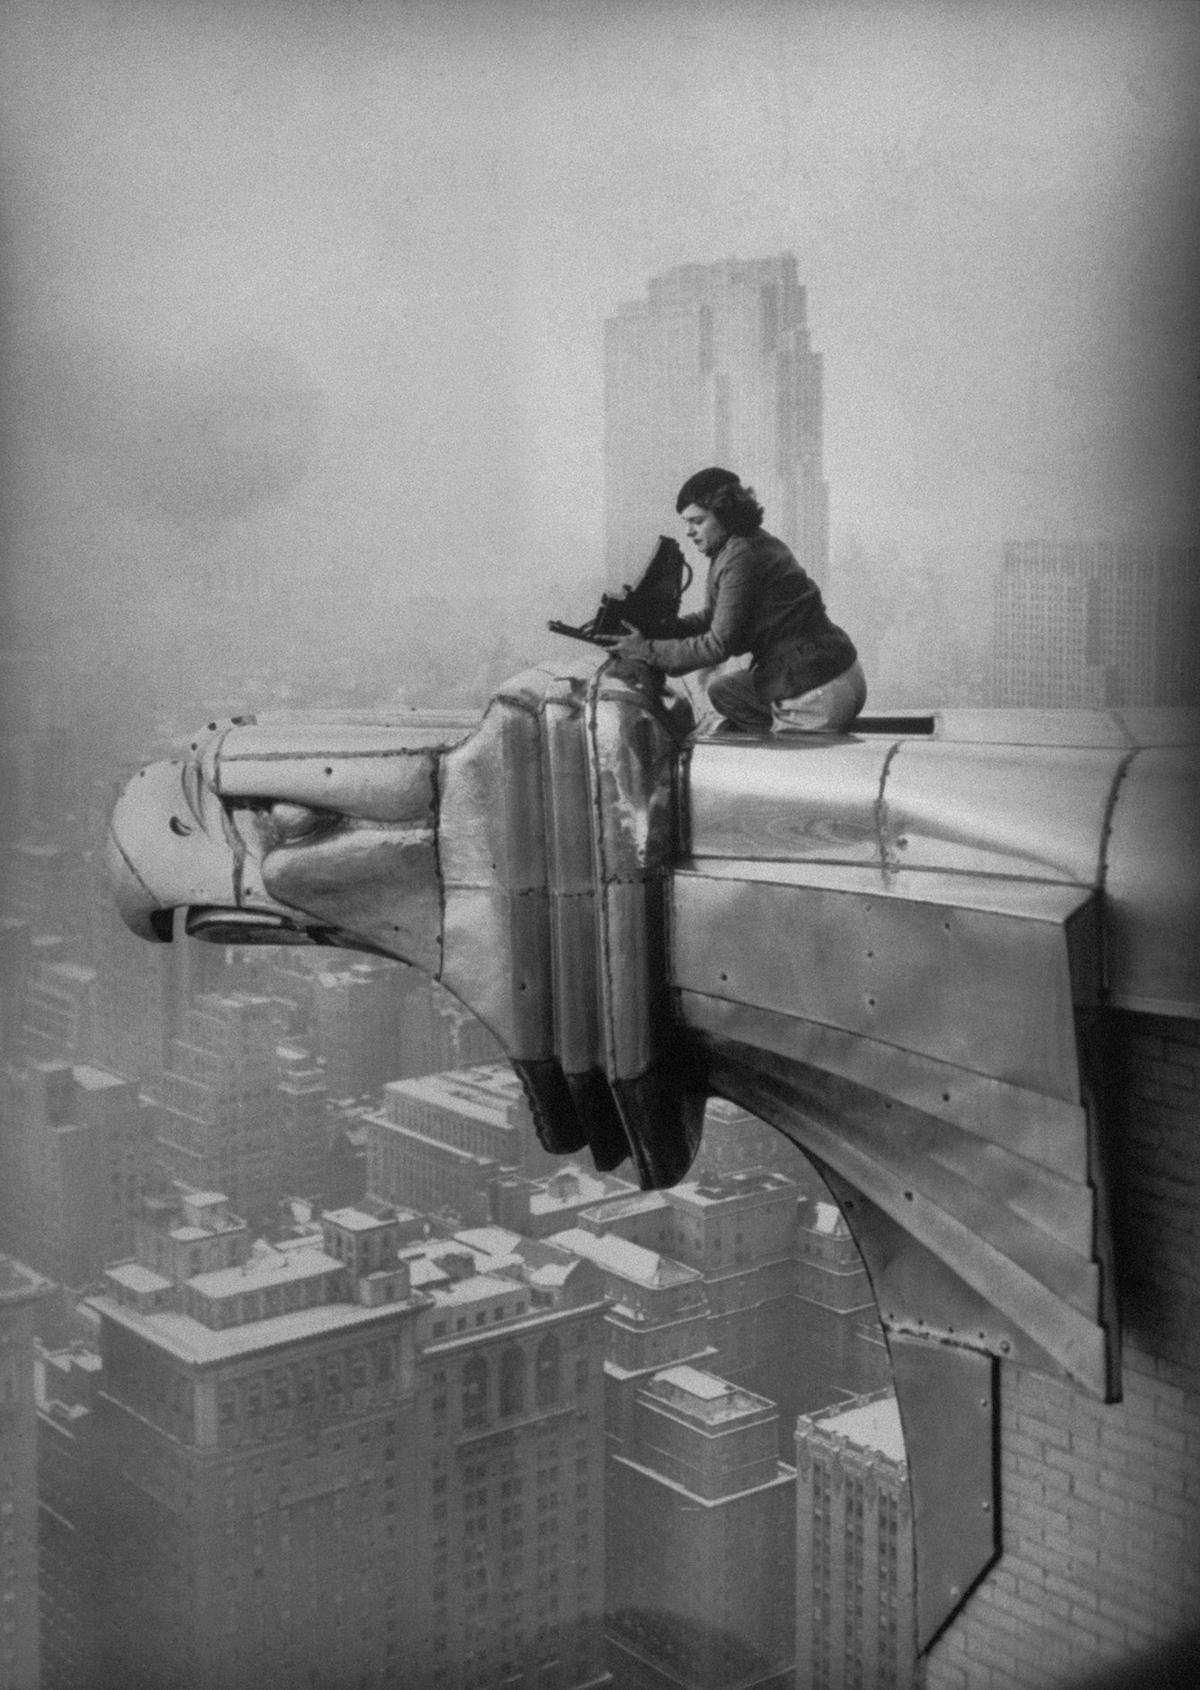 Prima, donna. Margaret Bourke White in mostra a Milano   Rolling ...